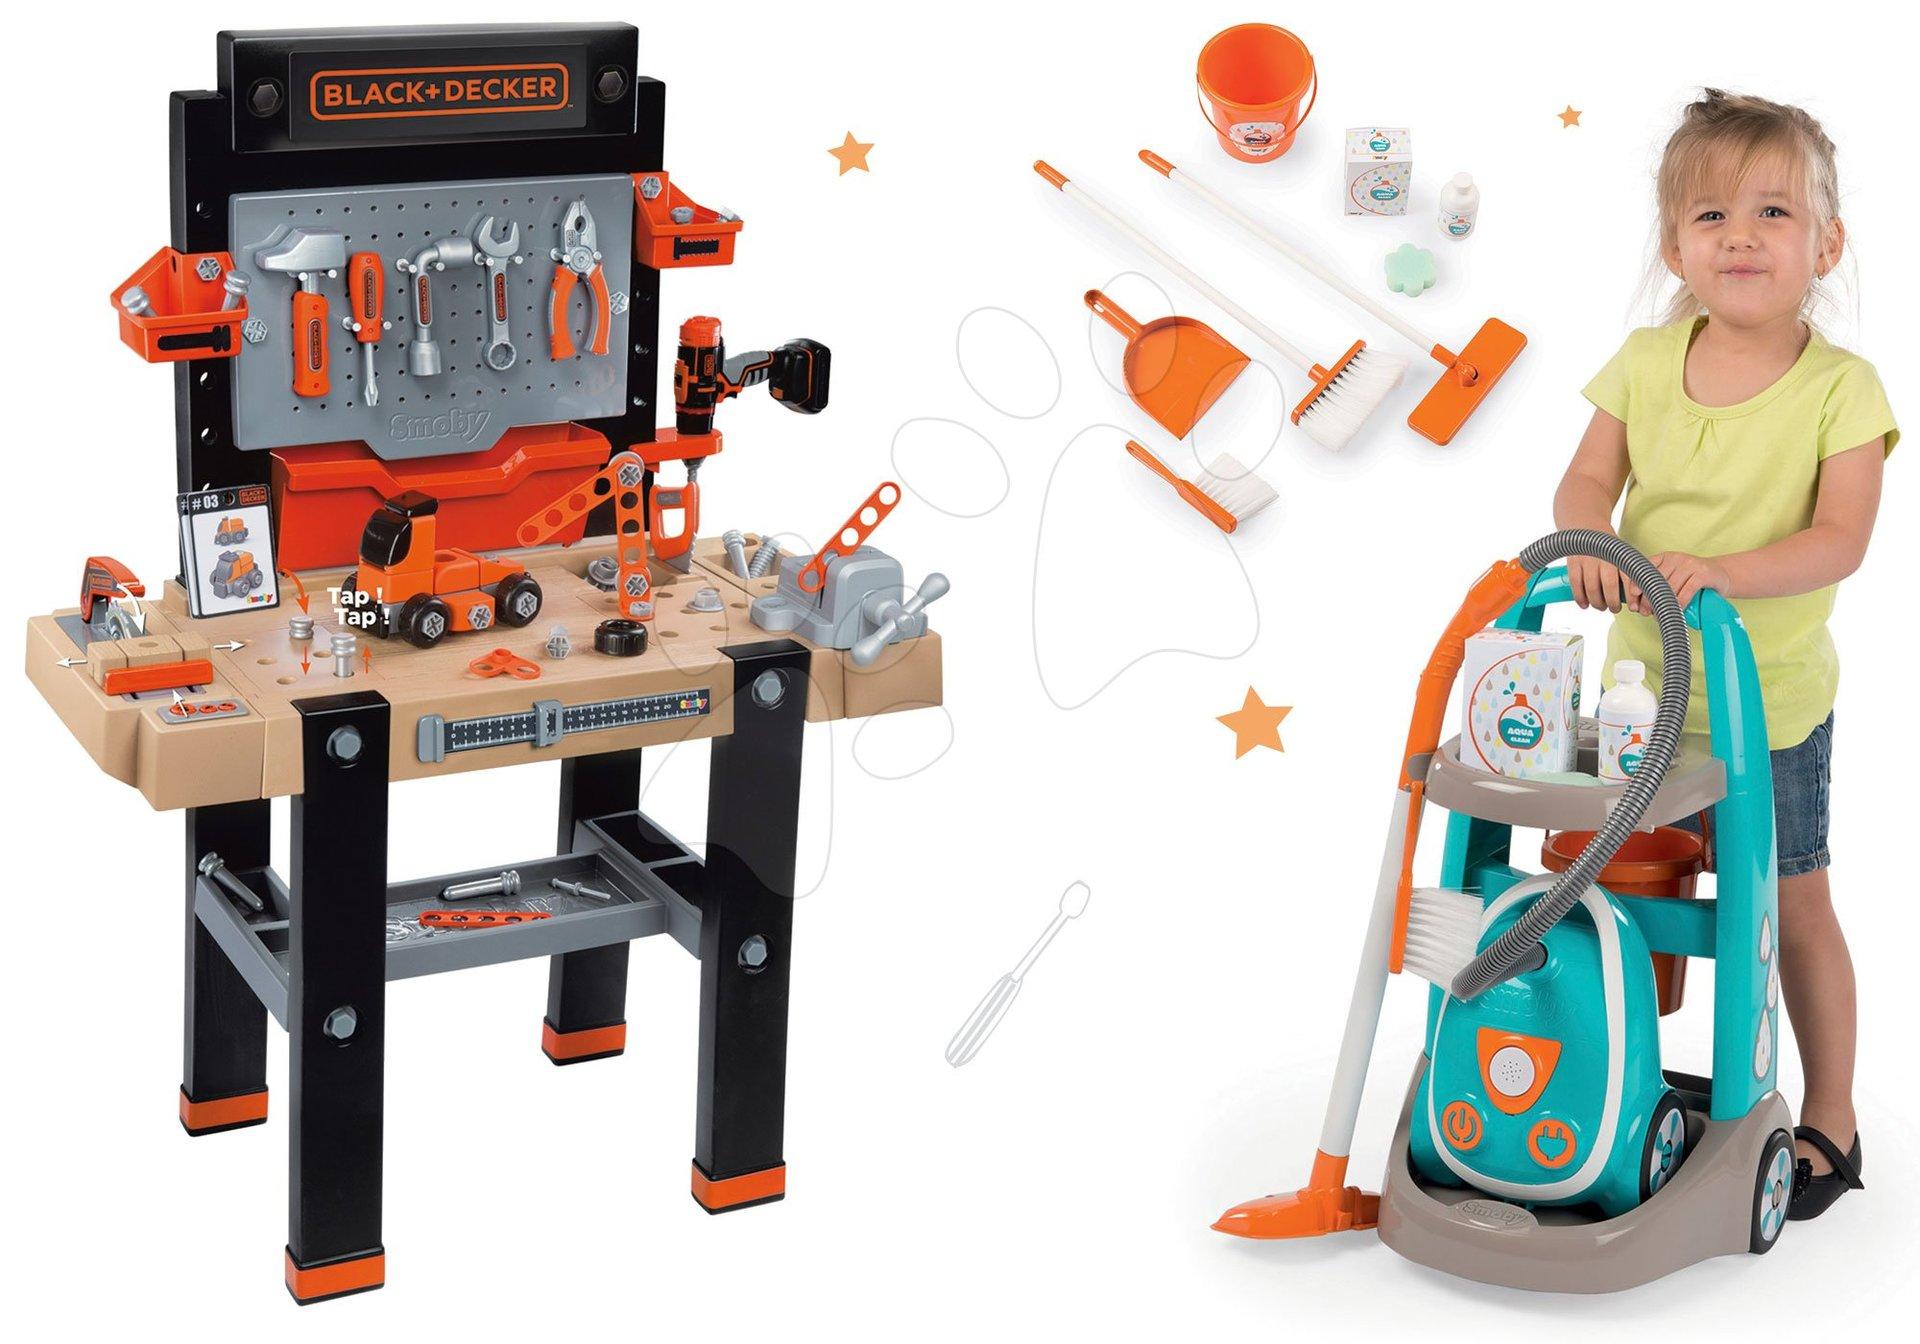 Dětská dílna sety - Set pracovní dílna Black&Decker Smoby elektronická a úklidový vozík s elektronickým vysavačem